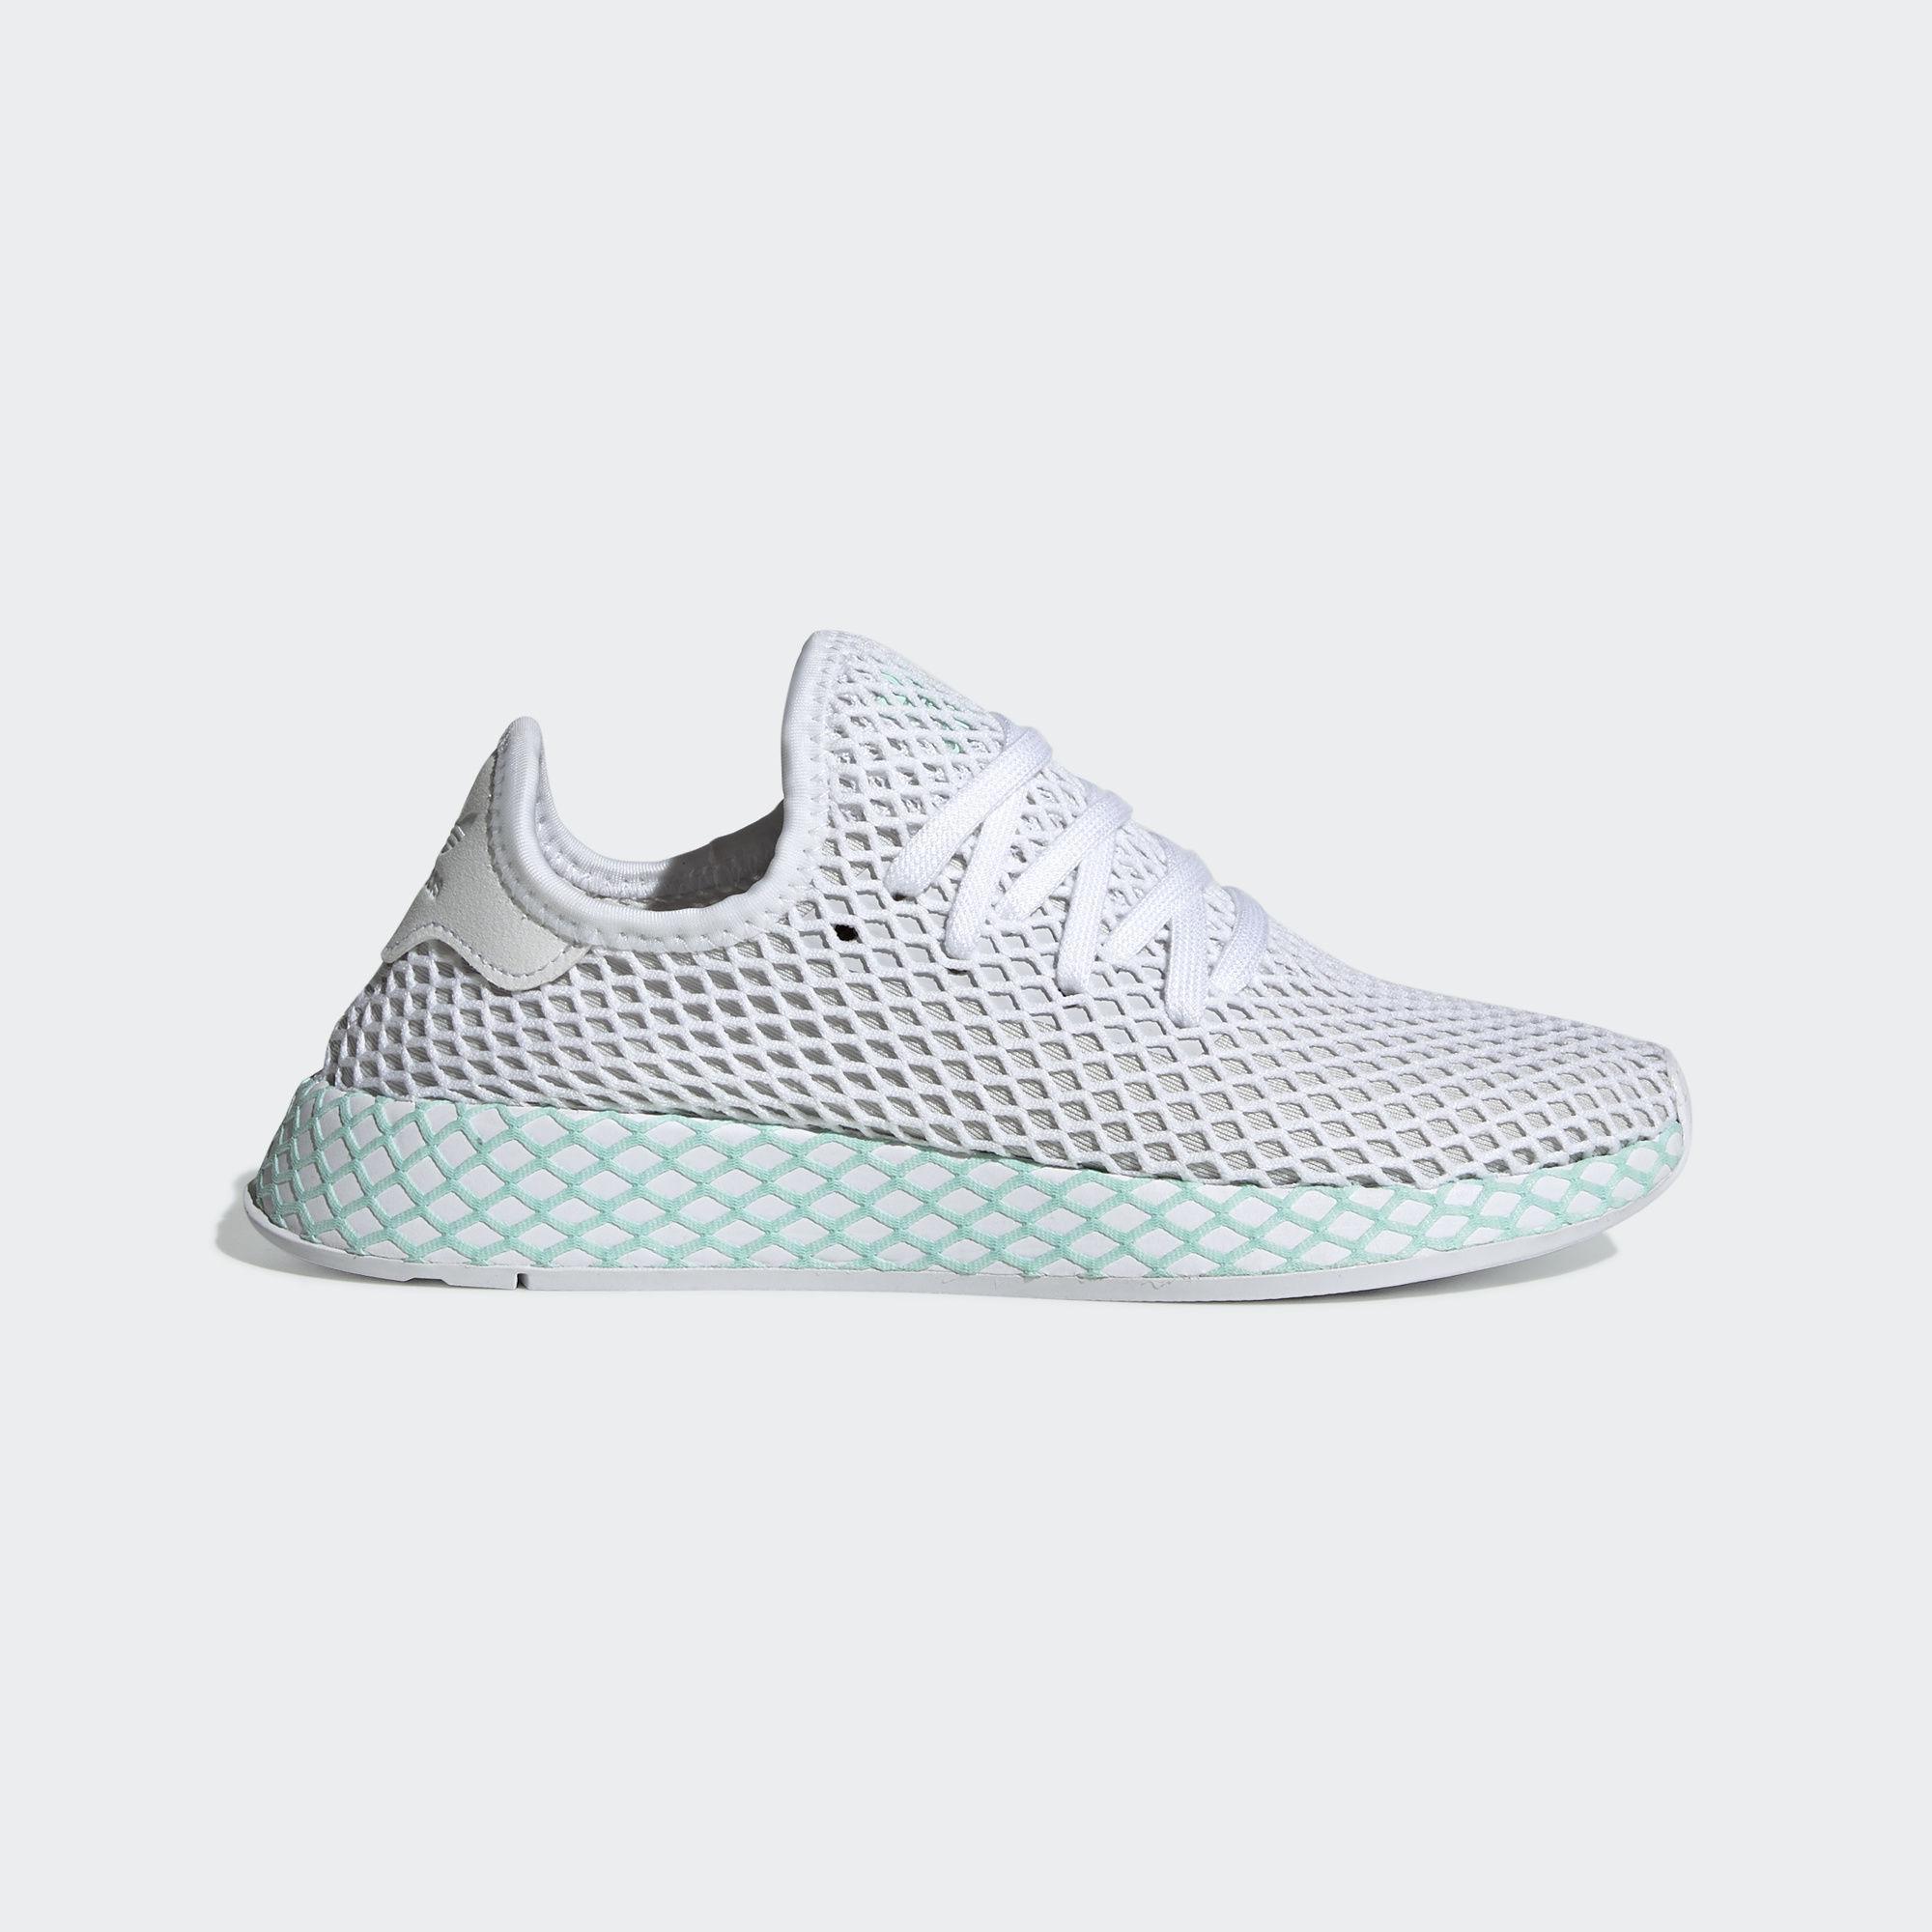 a5b7dfe05cc09 adidas. Women s Deerupt Runner Shoes